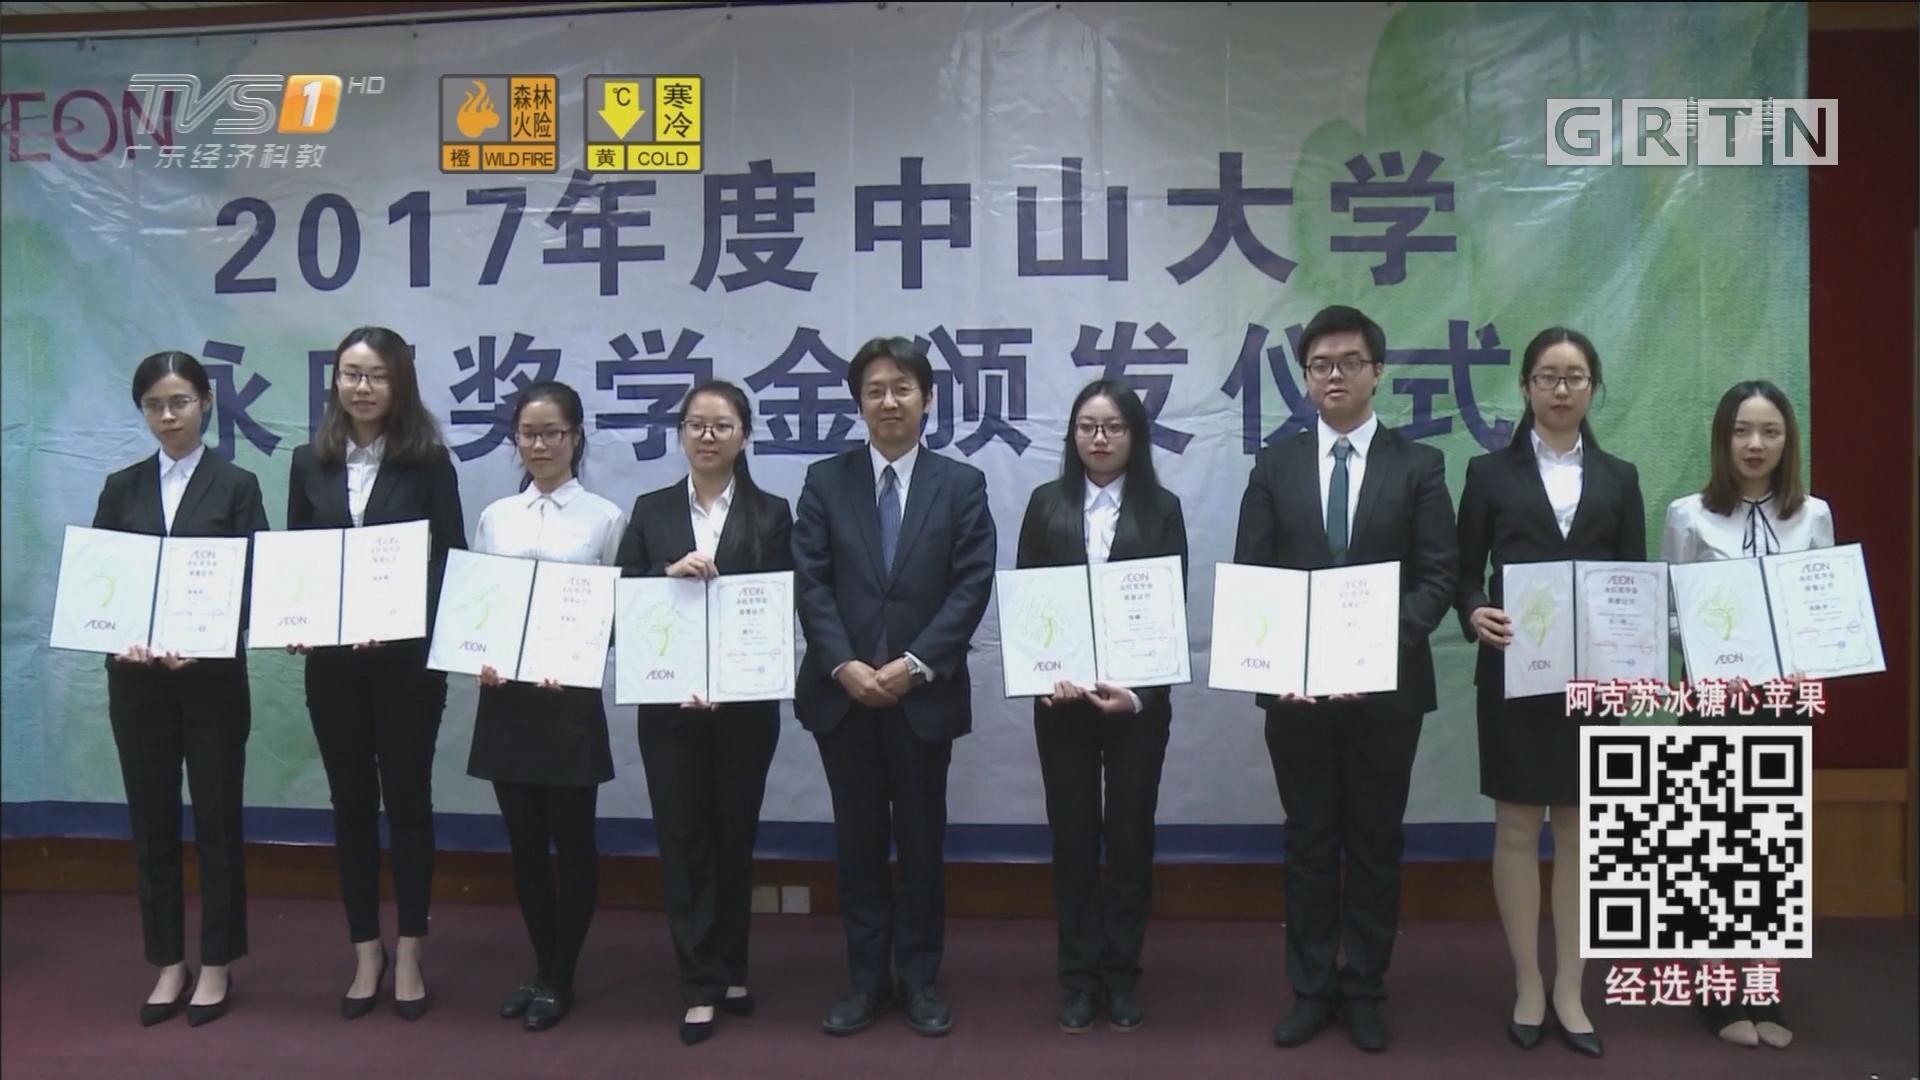 中山大学23名在校生 获15万奖学金